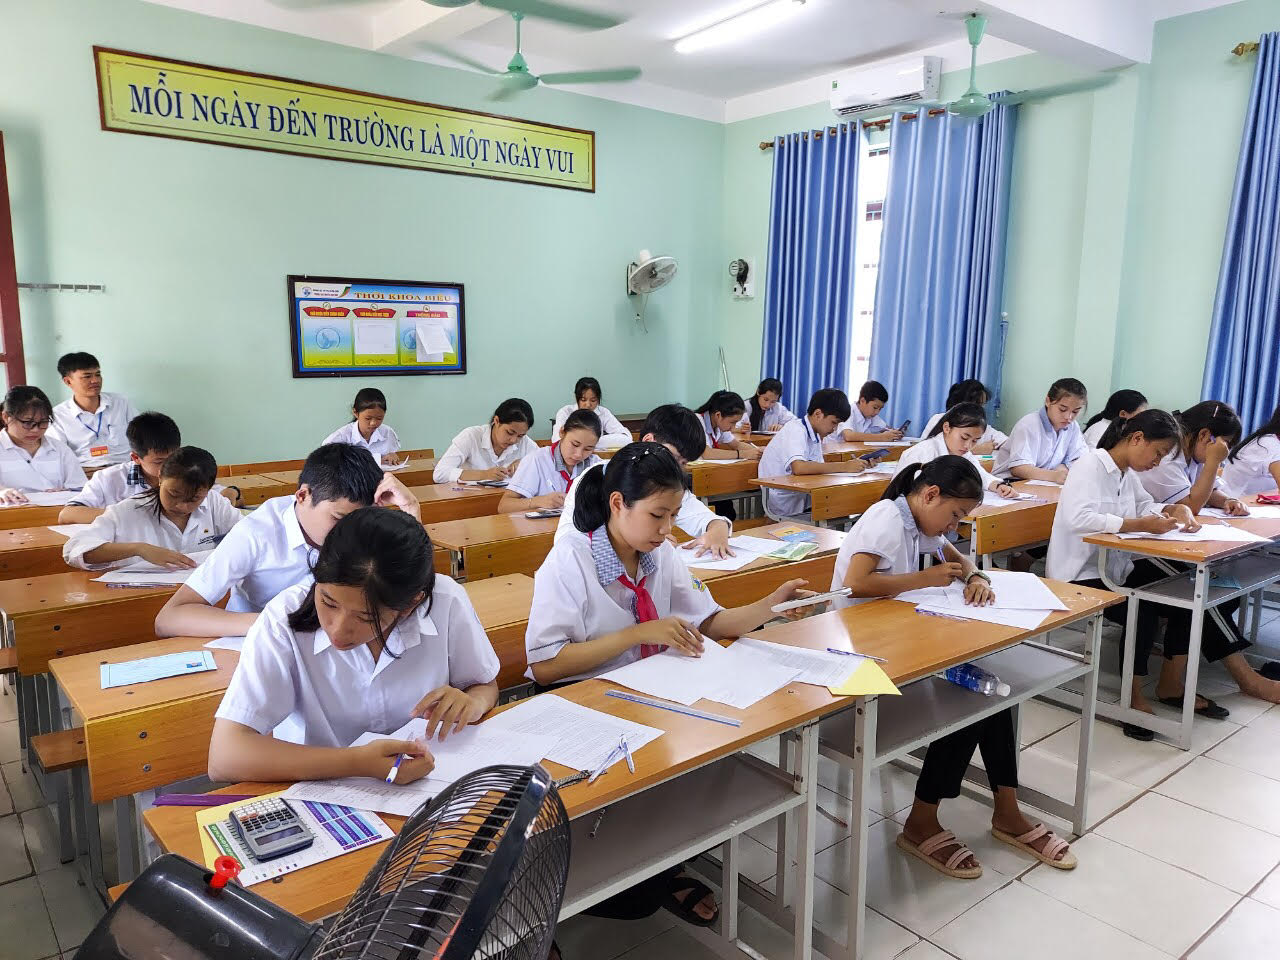 Kết quả thi học sinh giỏi các môn văn hóa NH 2020-2021 cấp thị